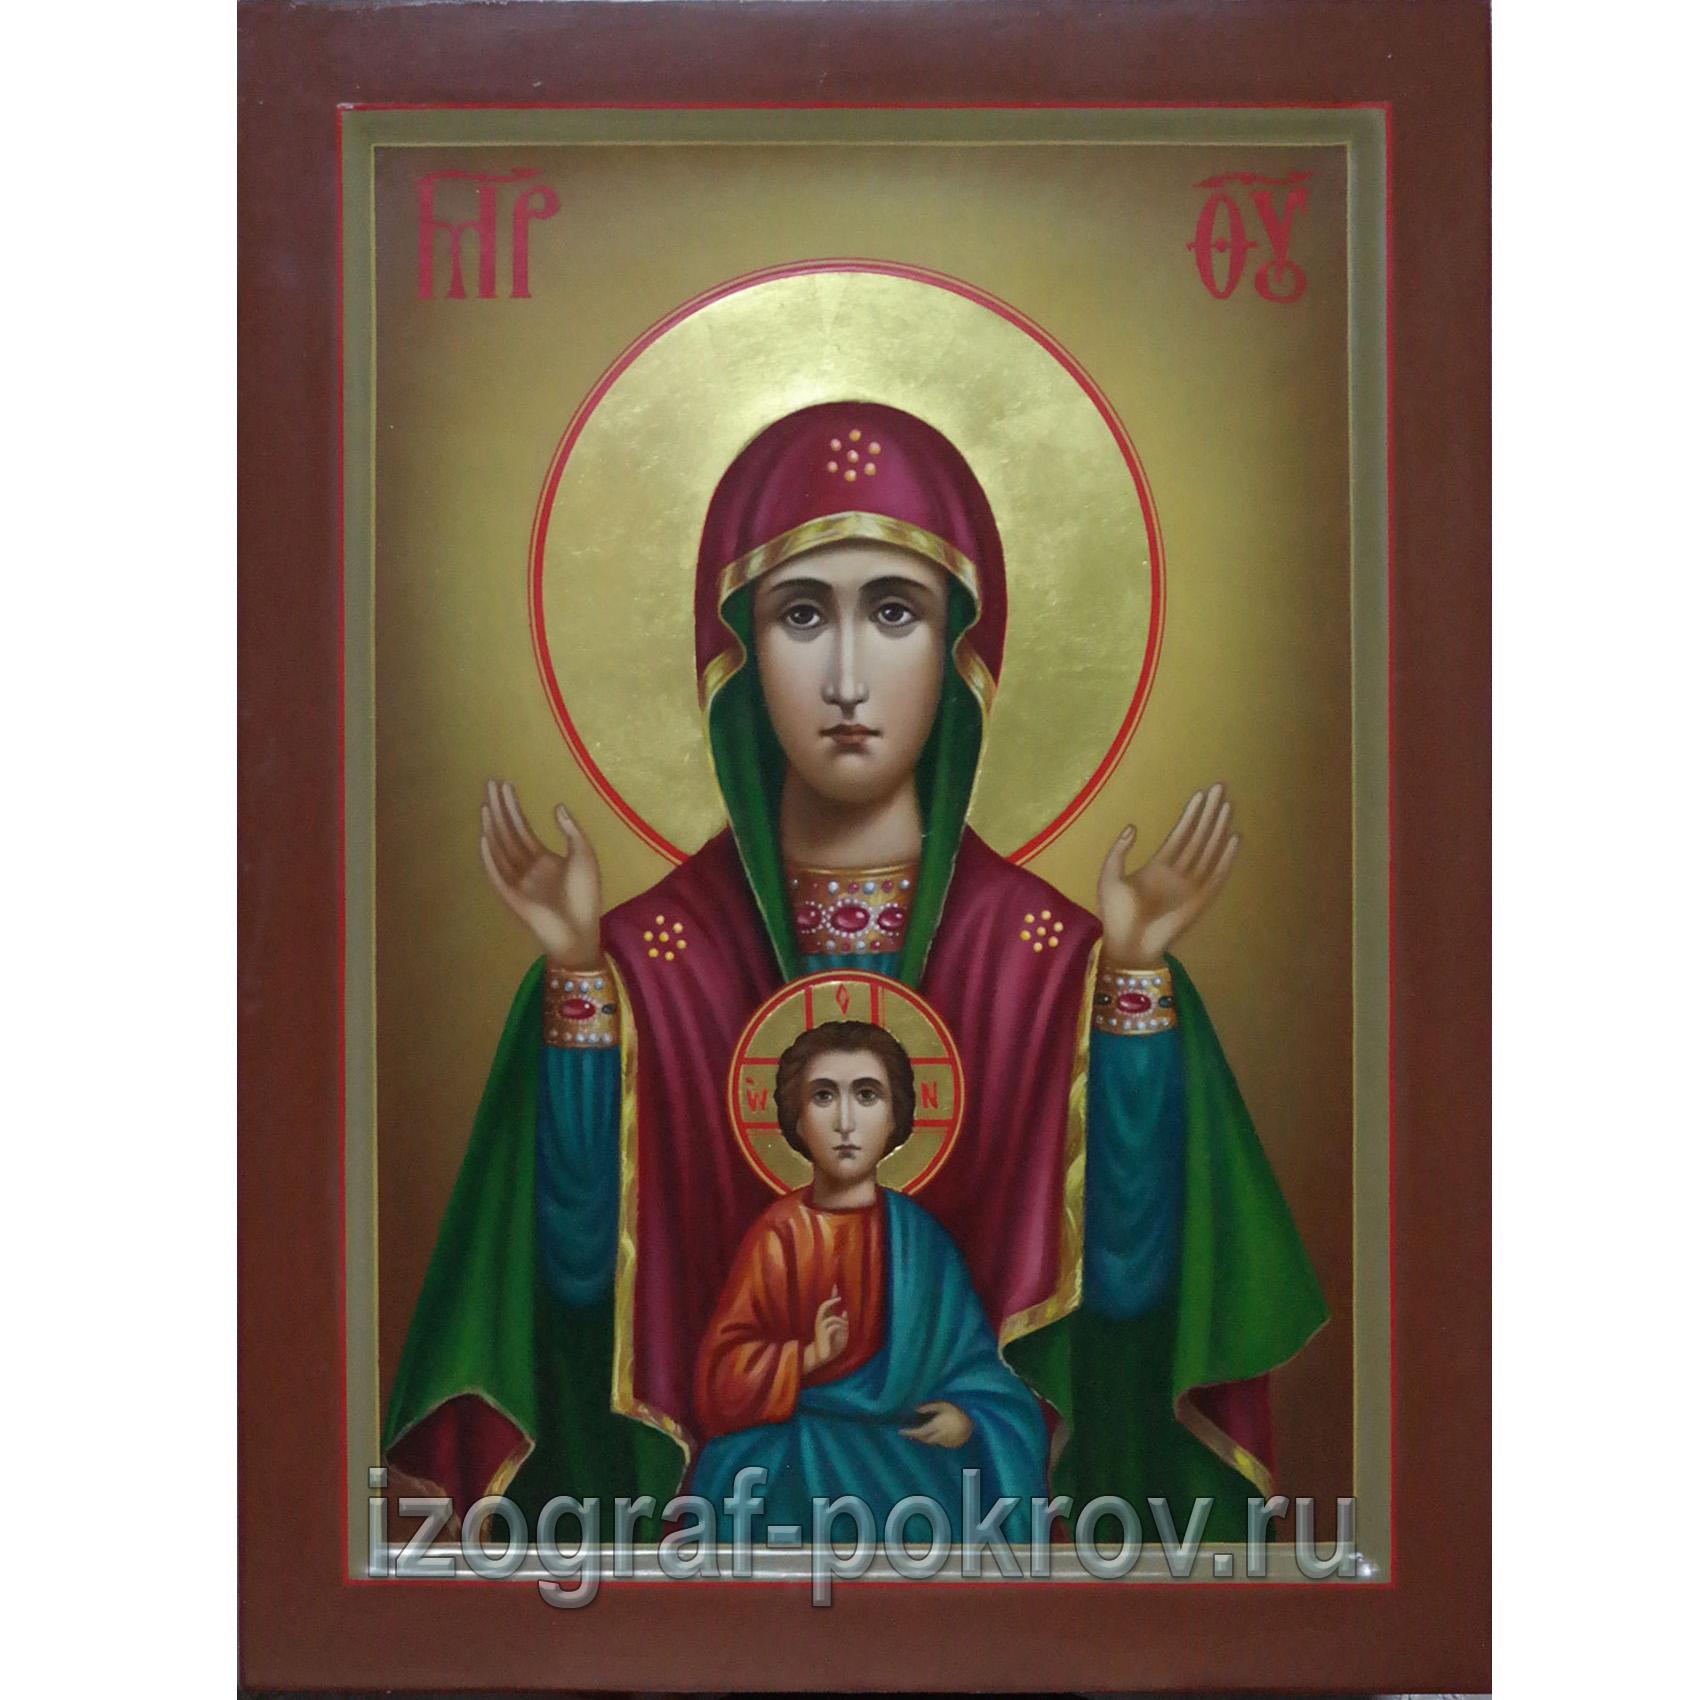 Икона Богородицы Знамение